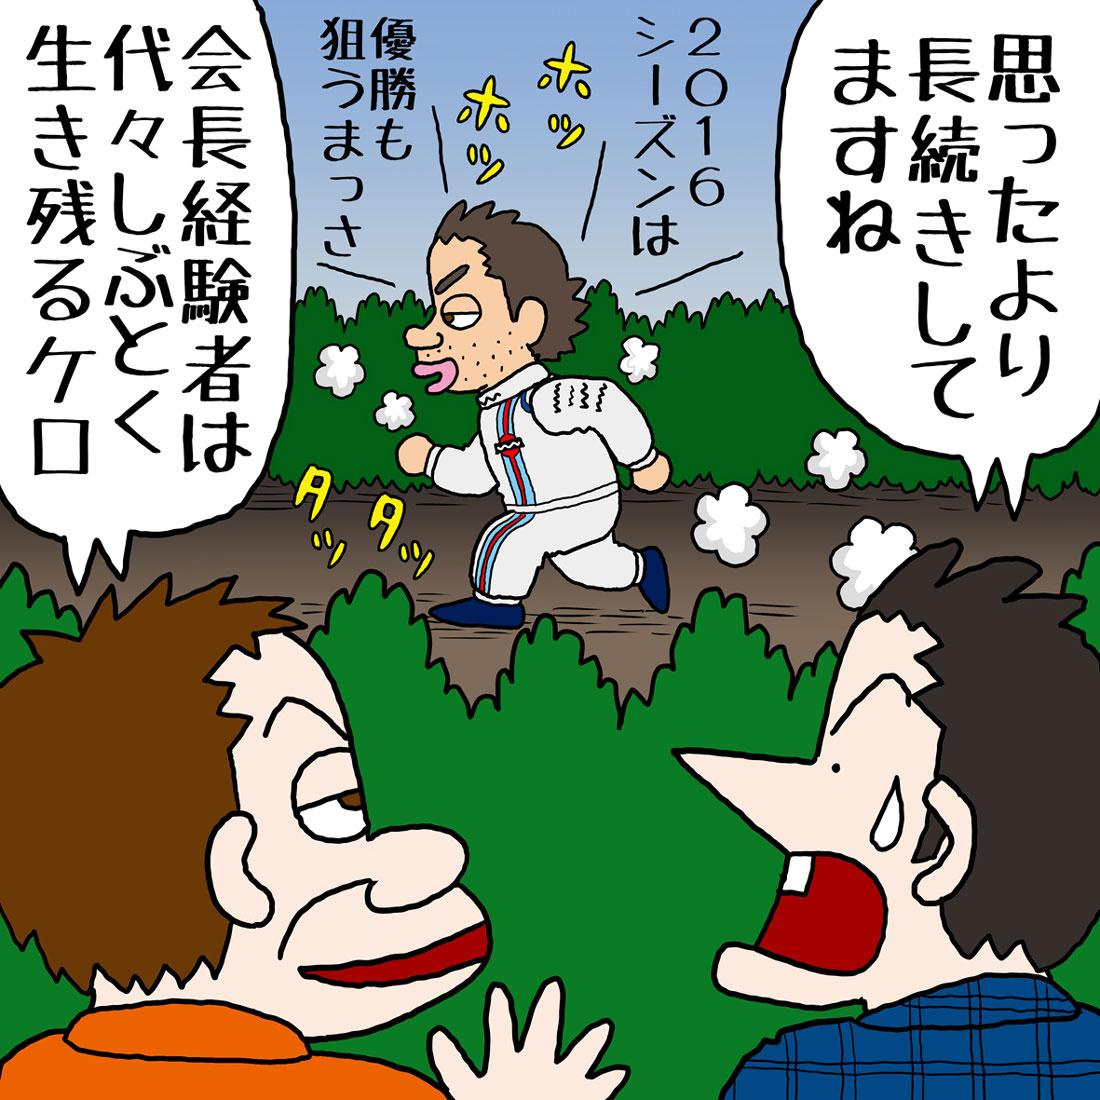 【つぶやきグラ天】セカンドクラブの底力(1)